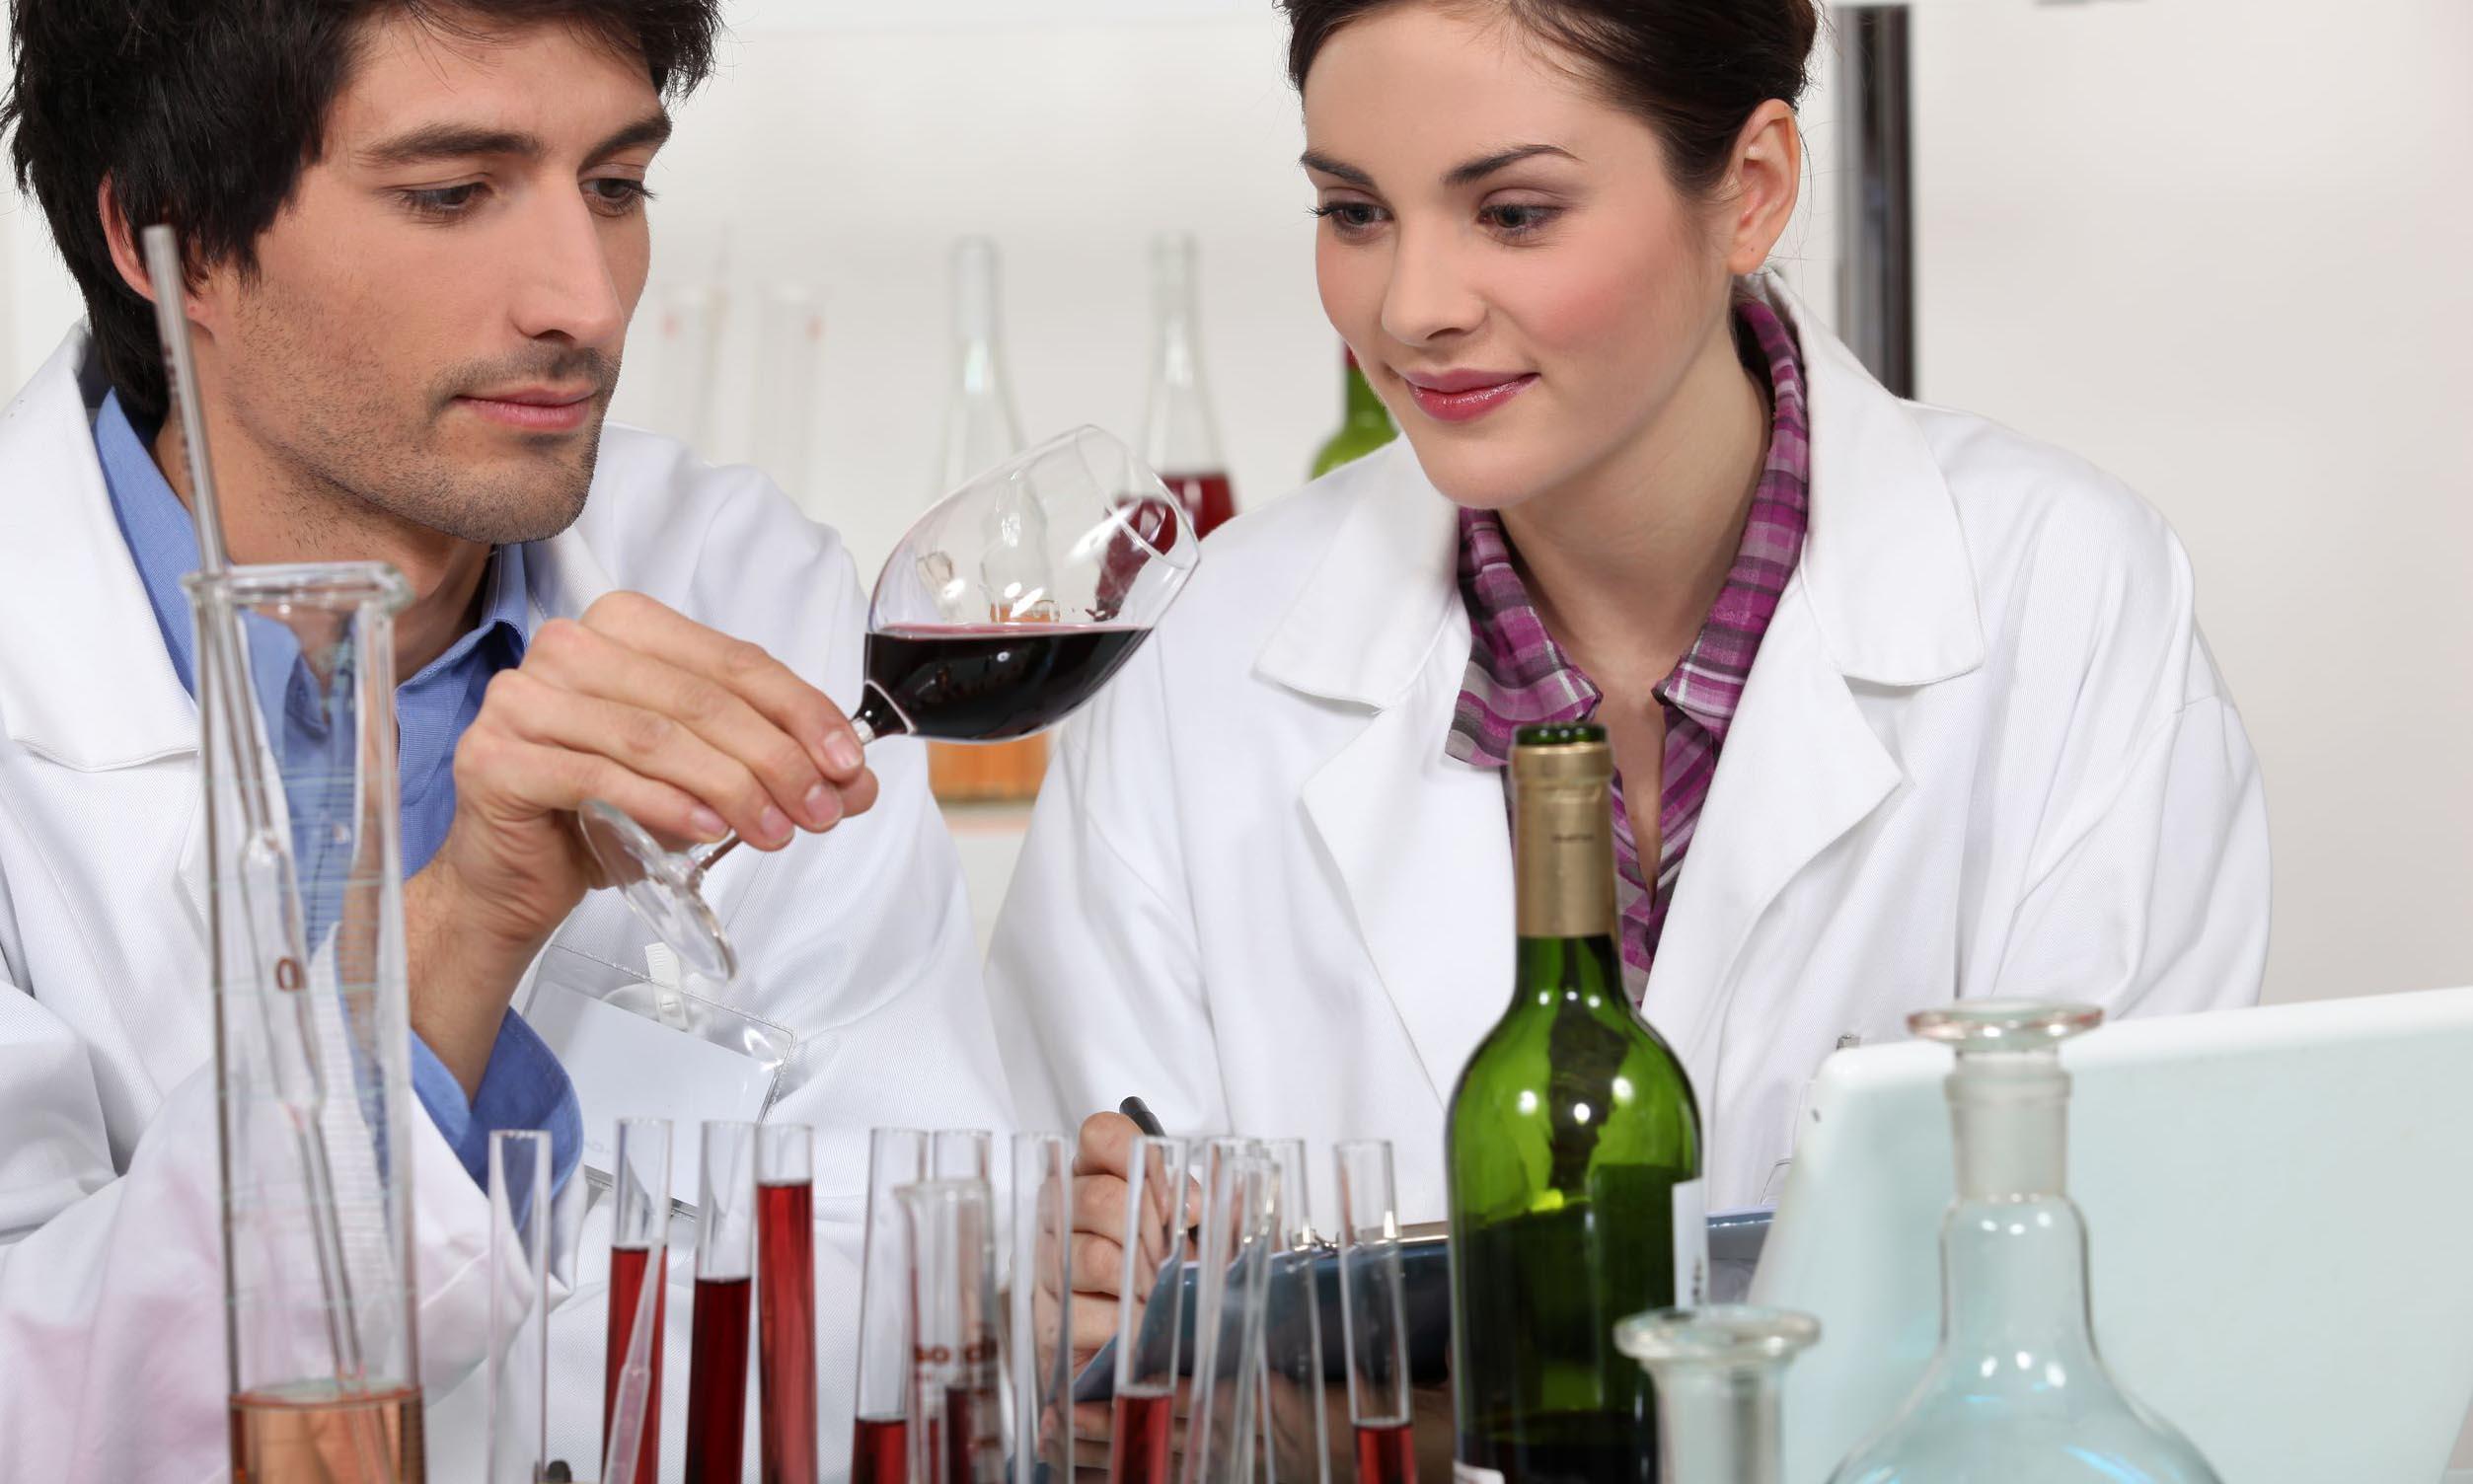 美味しいワインの決め手のひとつ、緻密なデータ解析